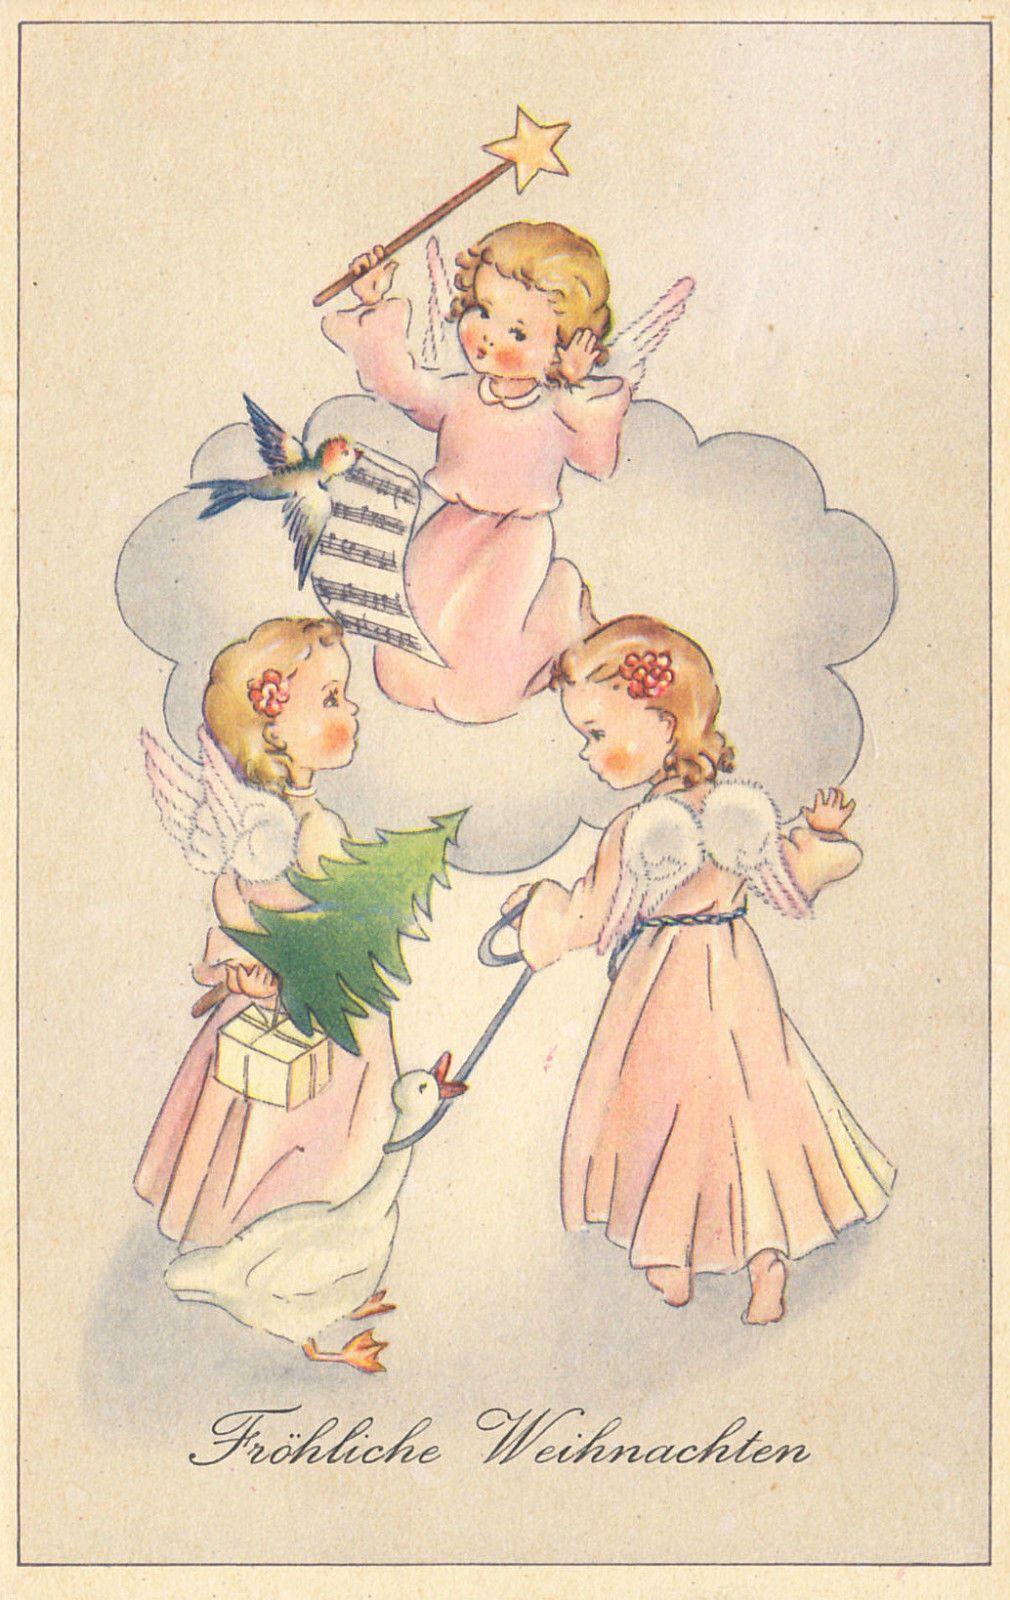 weihnachten engelchen im rosa kleid 1946 ebay christmas angels pinterest. Black Bedroom Furniture Sets. Home Design Ideas